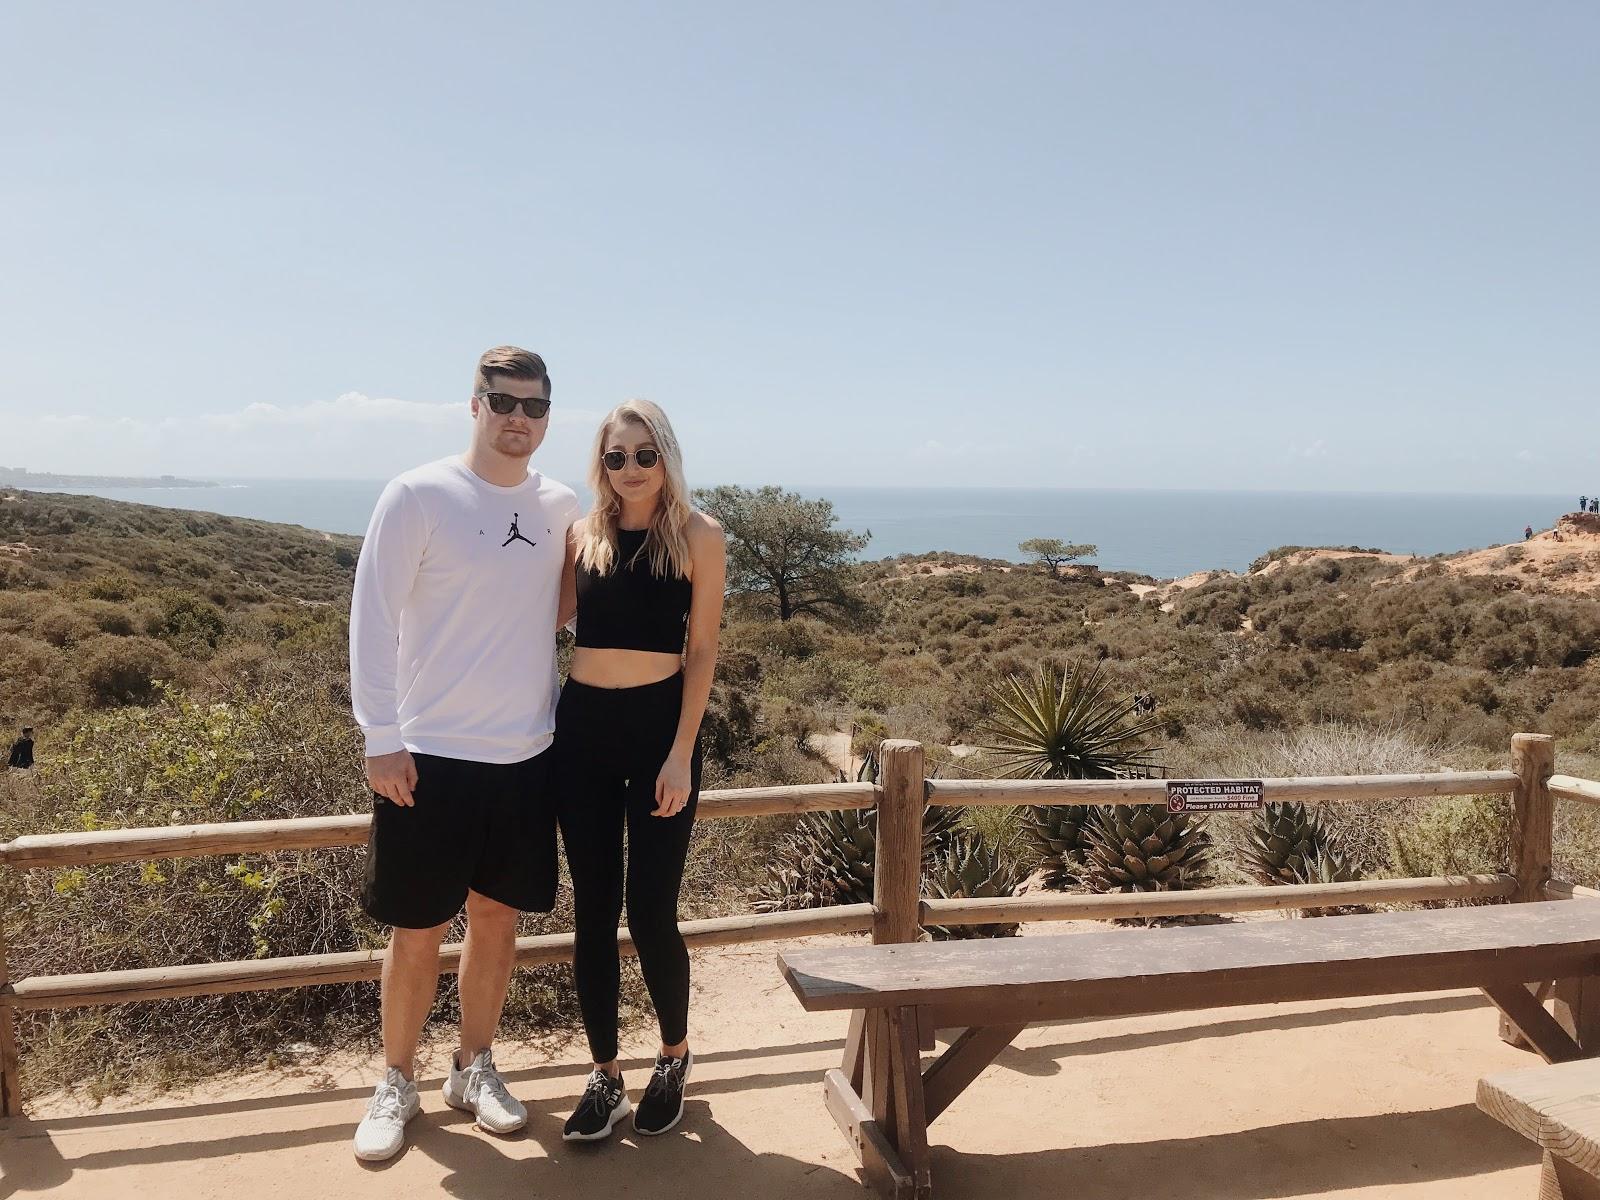 hiking at Torrey Pines | Love, Lenore